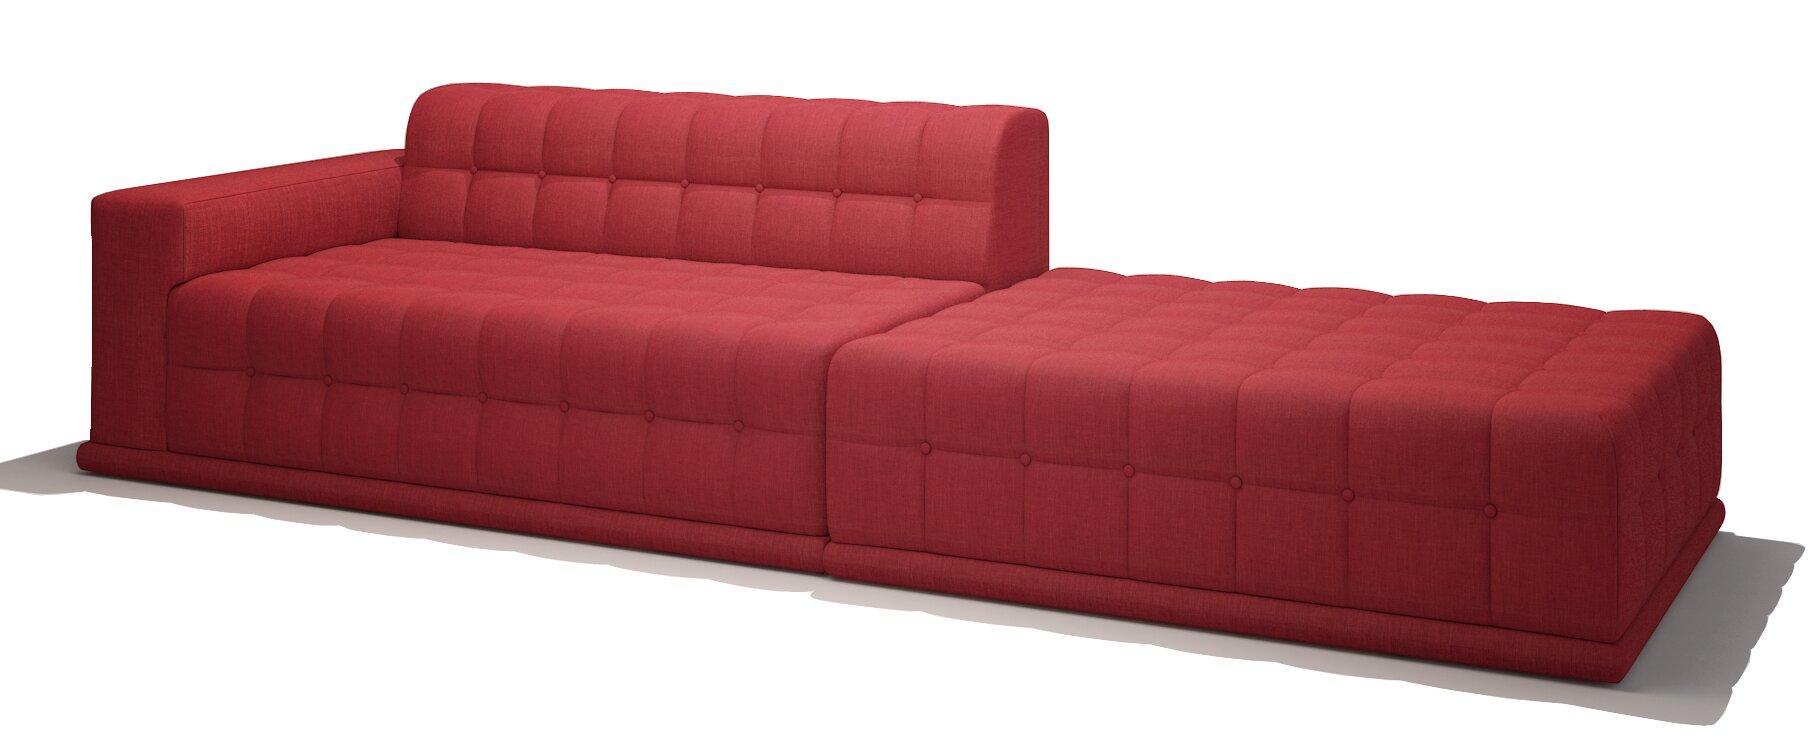 TrueModern Bump Bump One Arm Sofa With Chaise | Wayfair